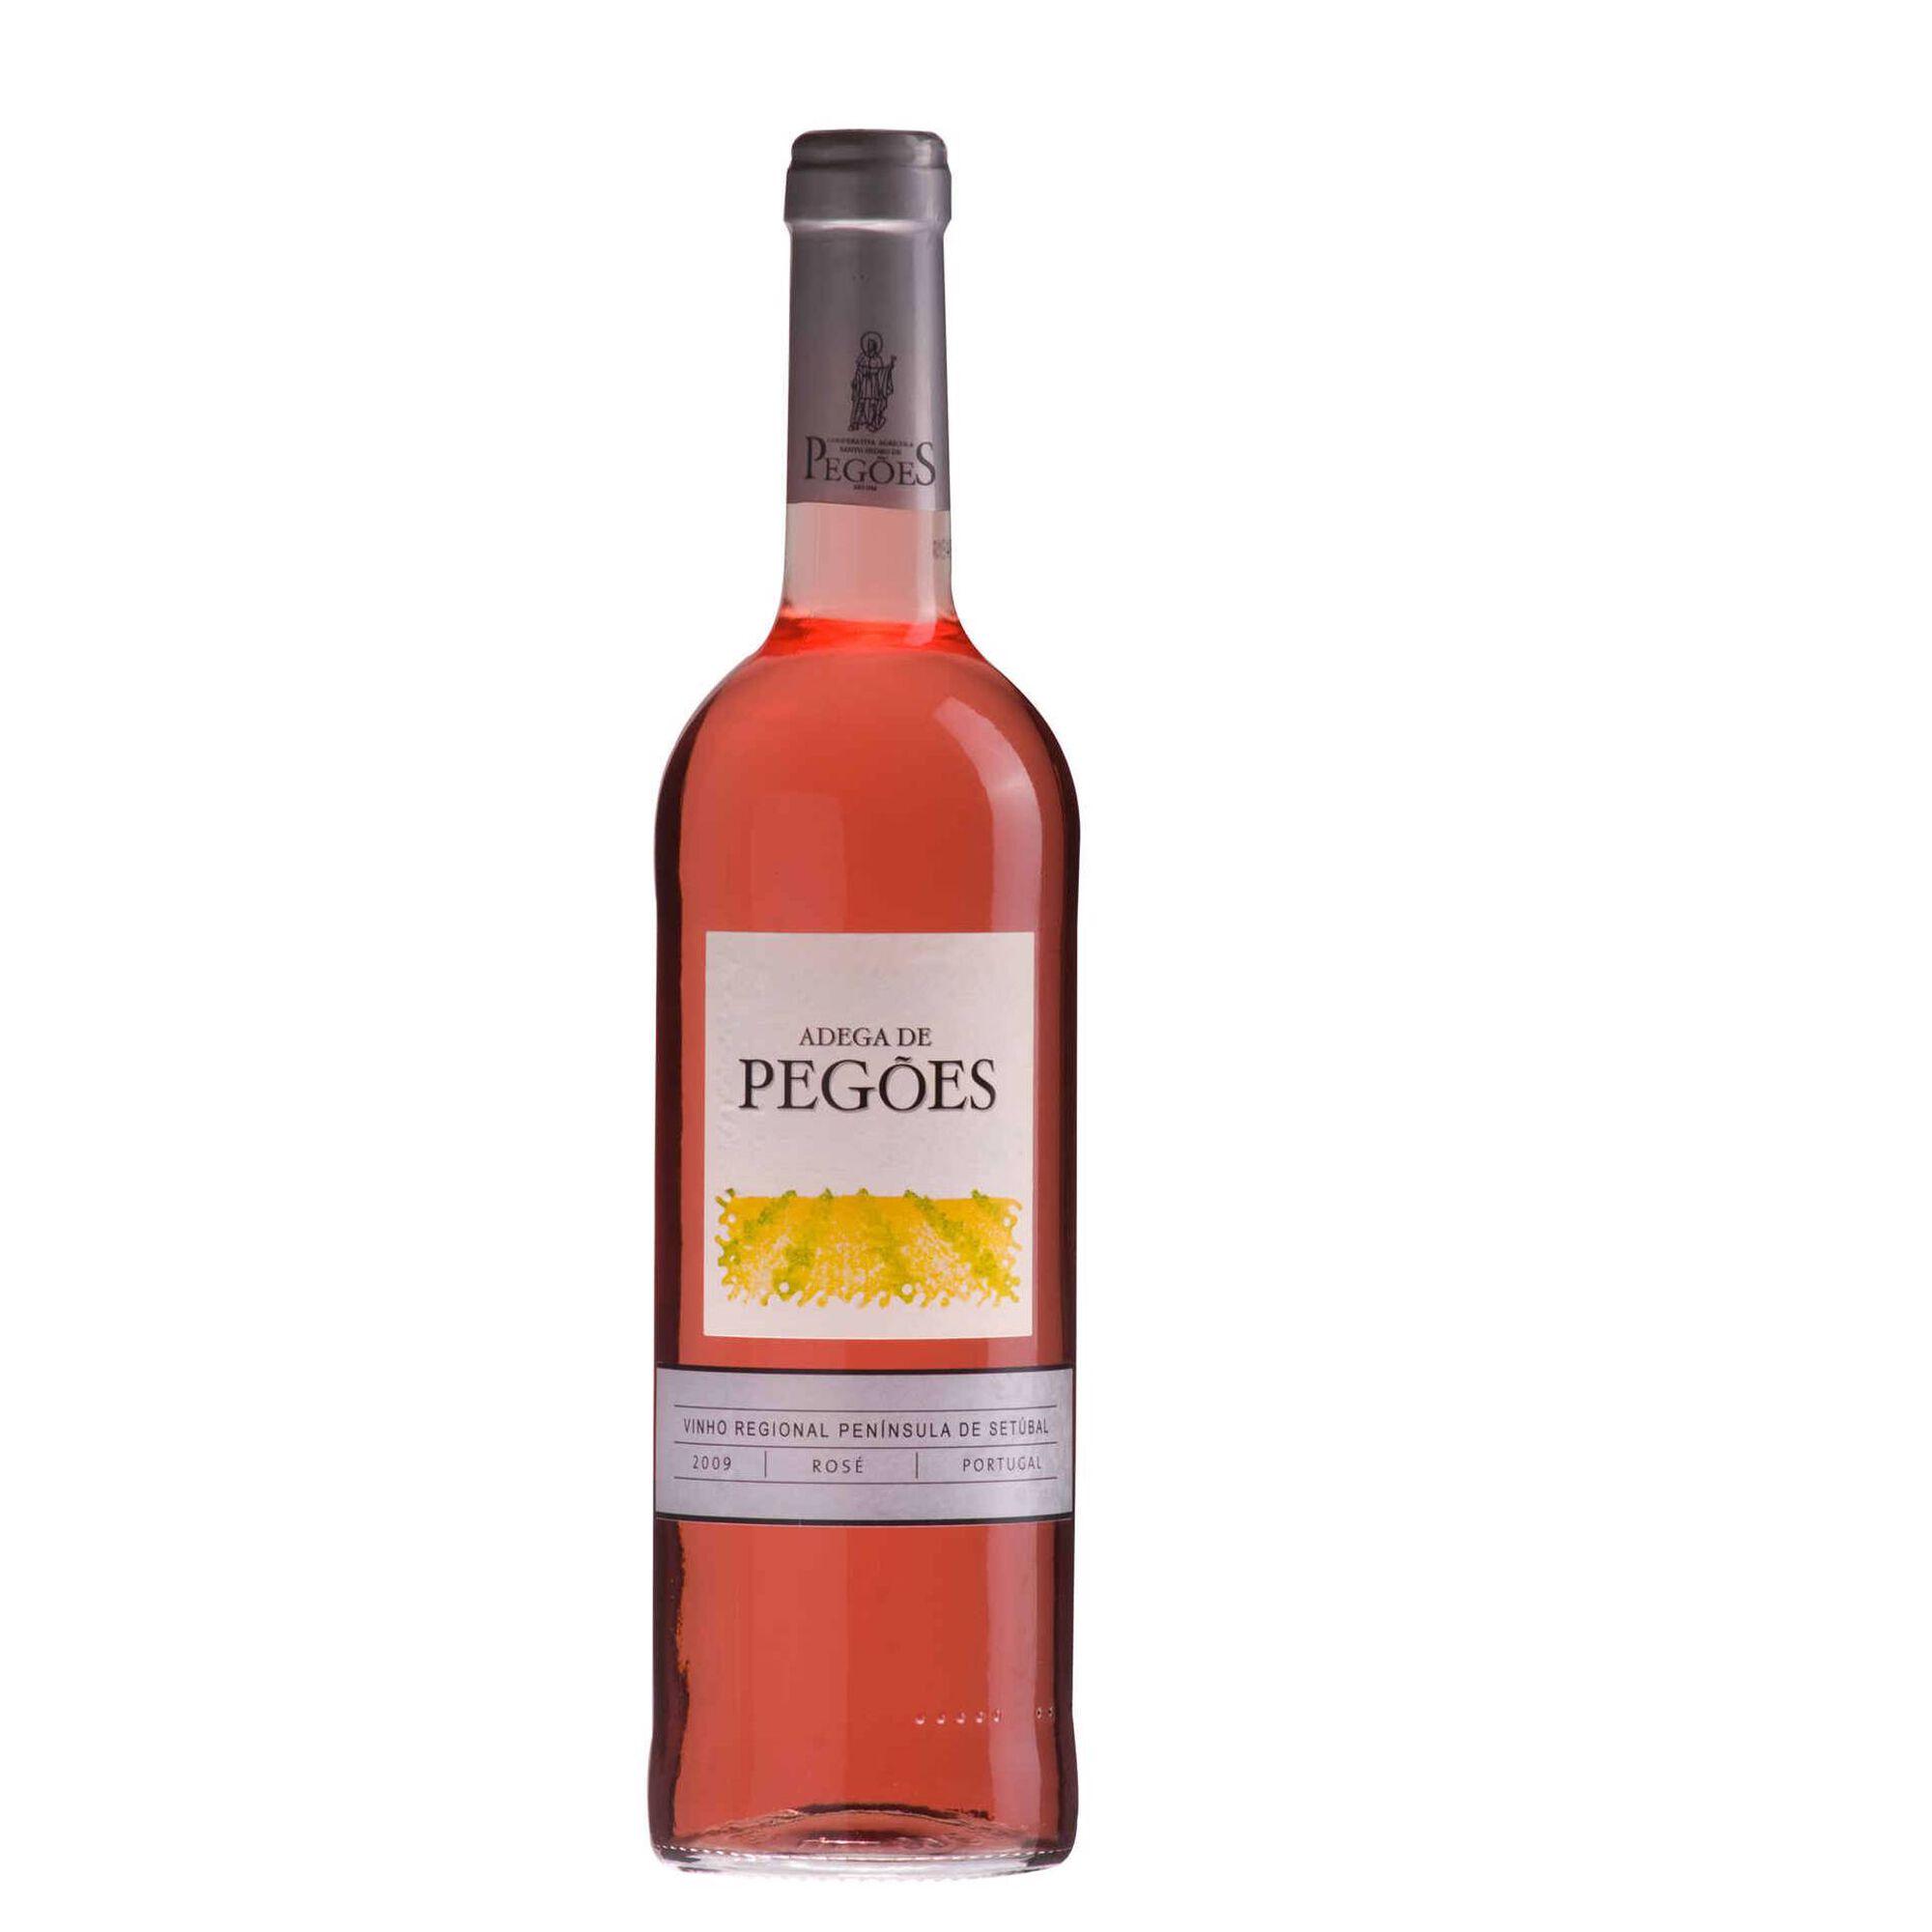 Adega de Pegões Regional Península de Setúbal Vinho Rosé